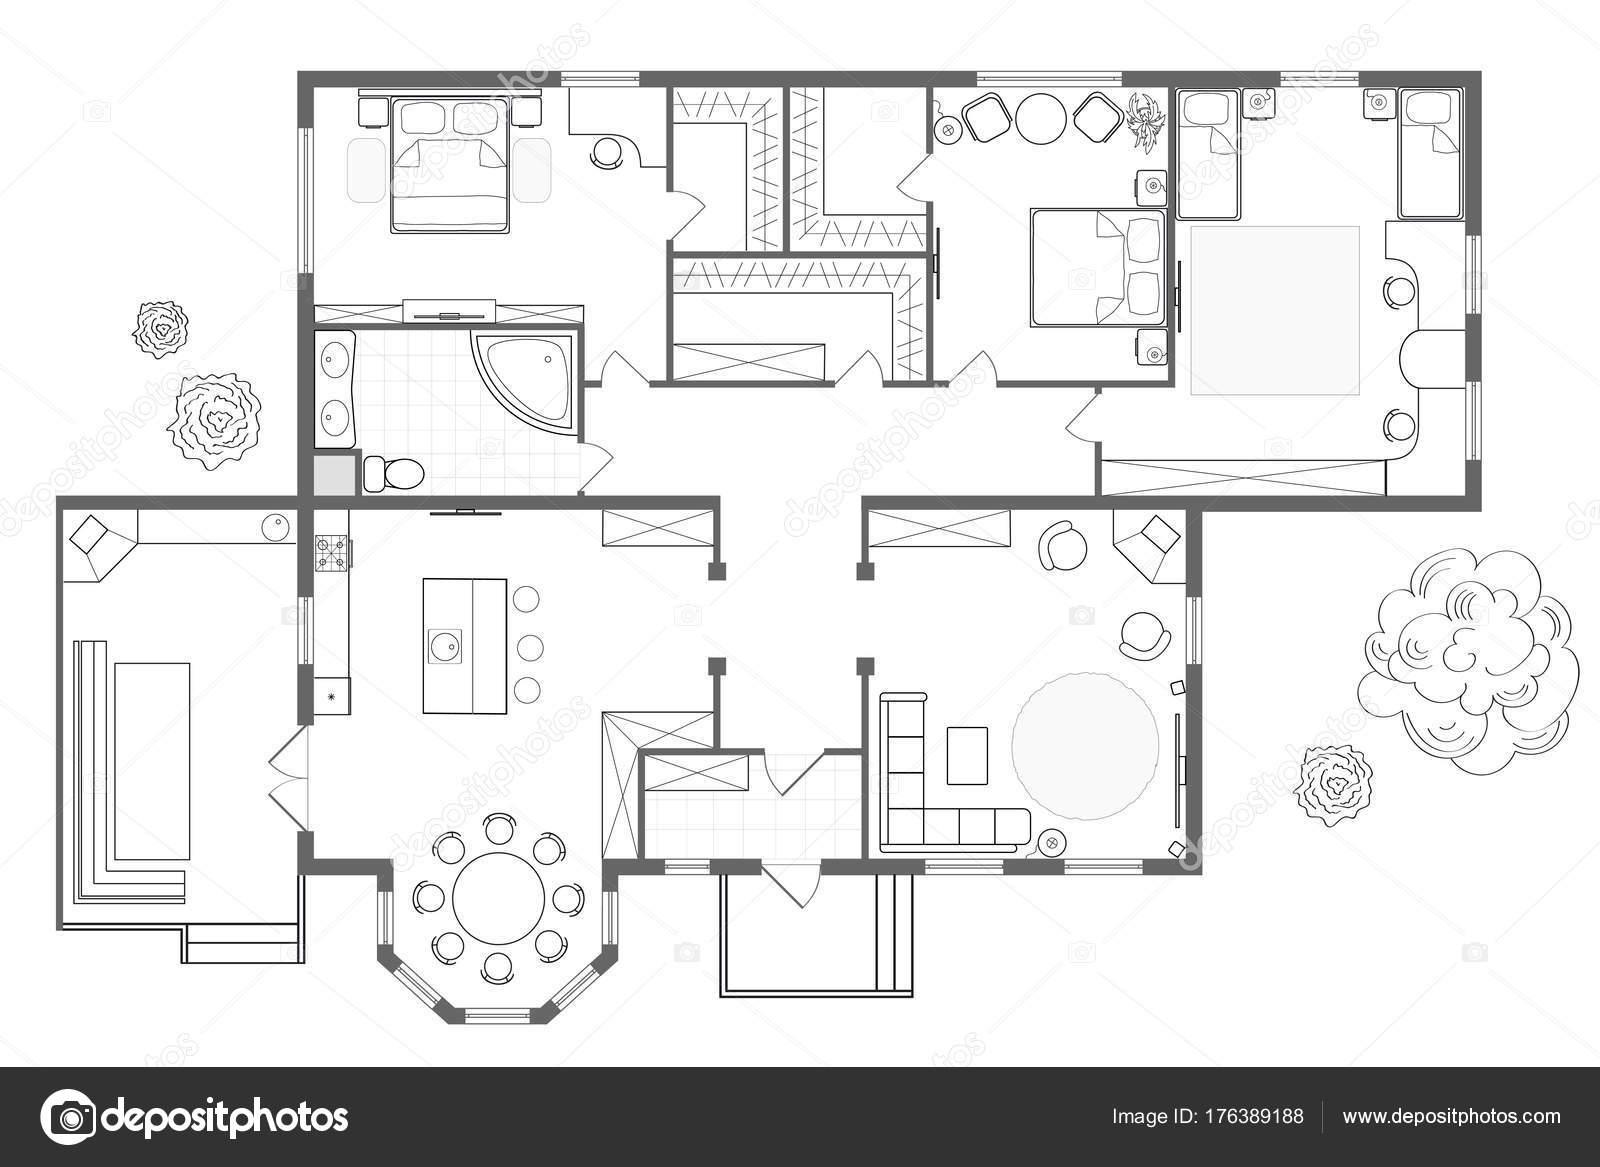 Mit Kuche Schlafzimmer Wohnzimmer Esszimmer Bad Und Ein Grillplatz Grundriss Innenarchitektur Ansicht Von Oben Blaupause Foto LongRiver